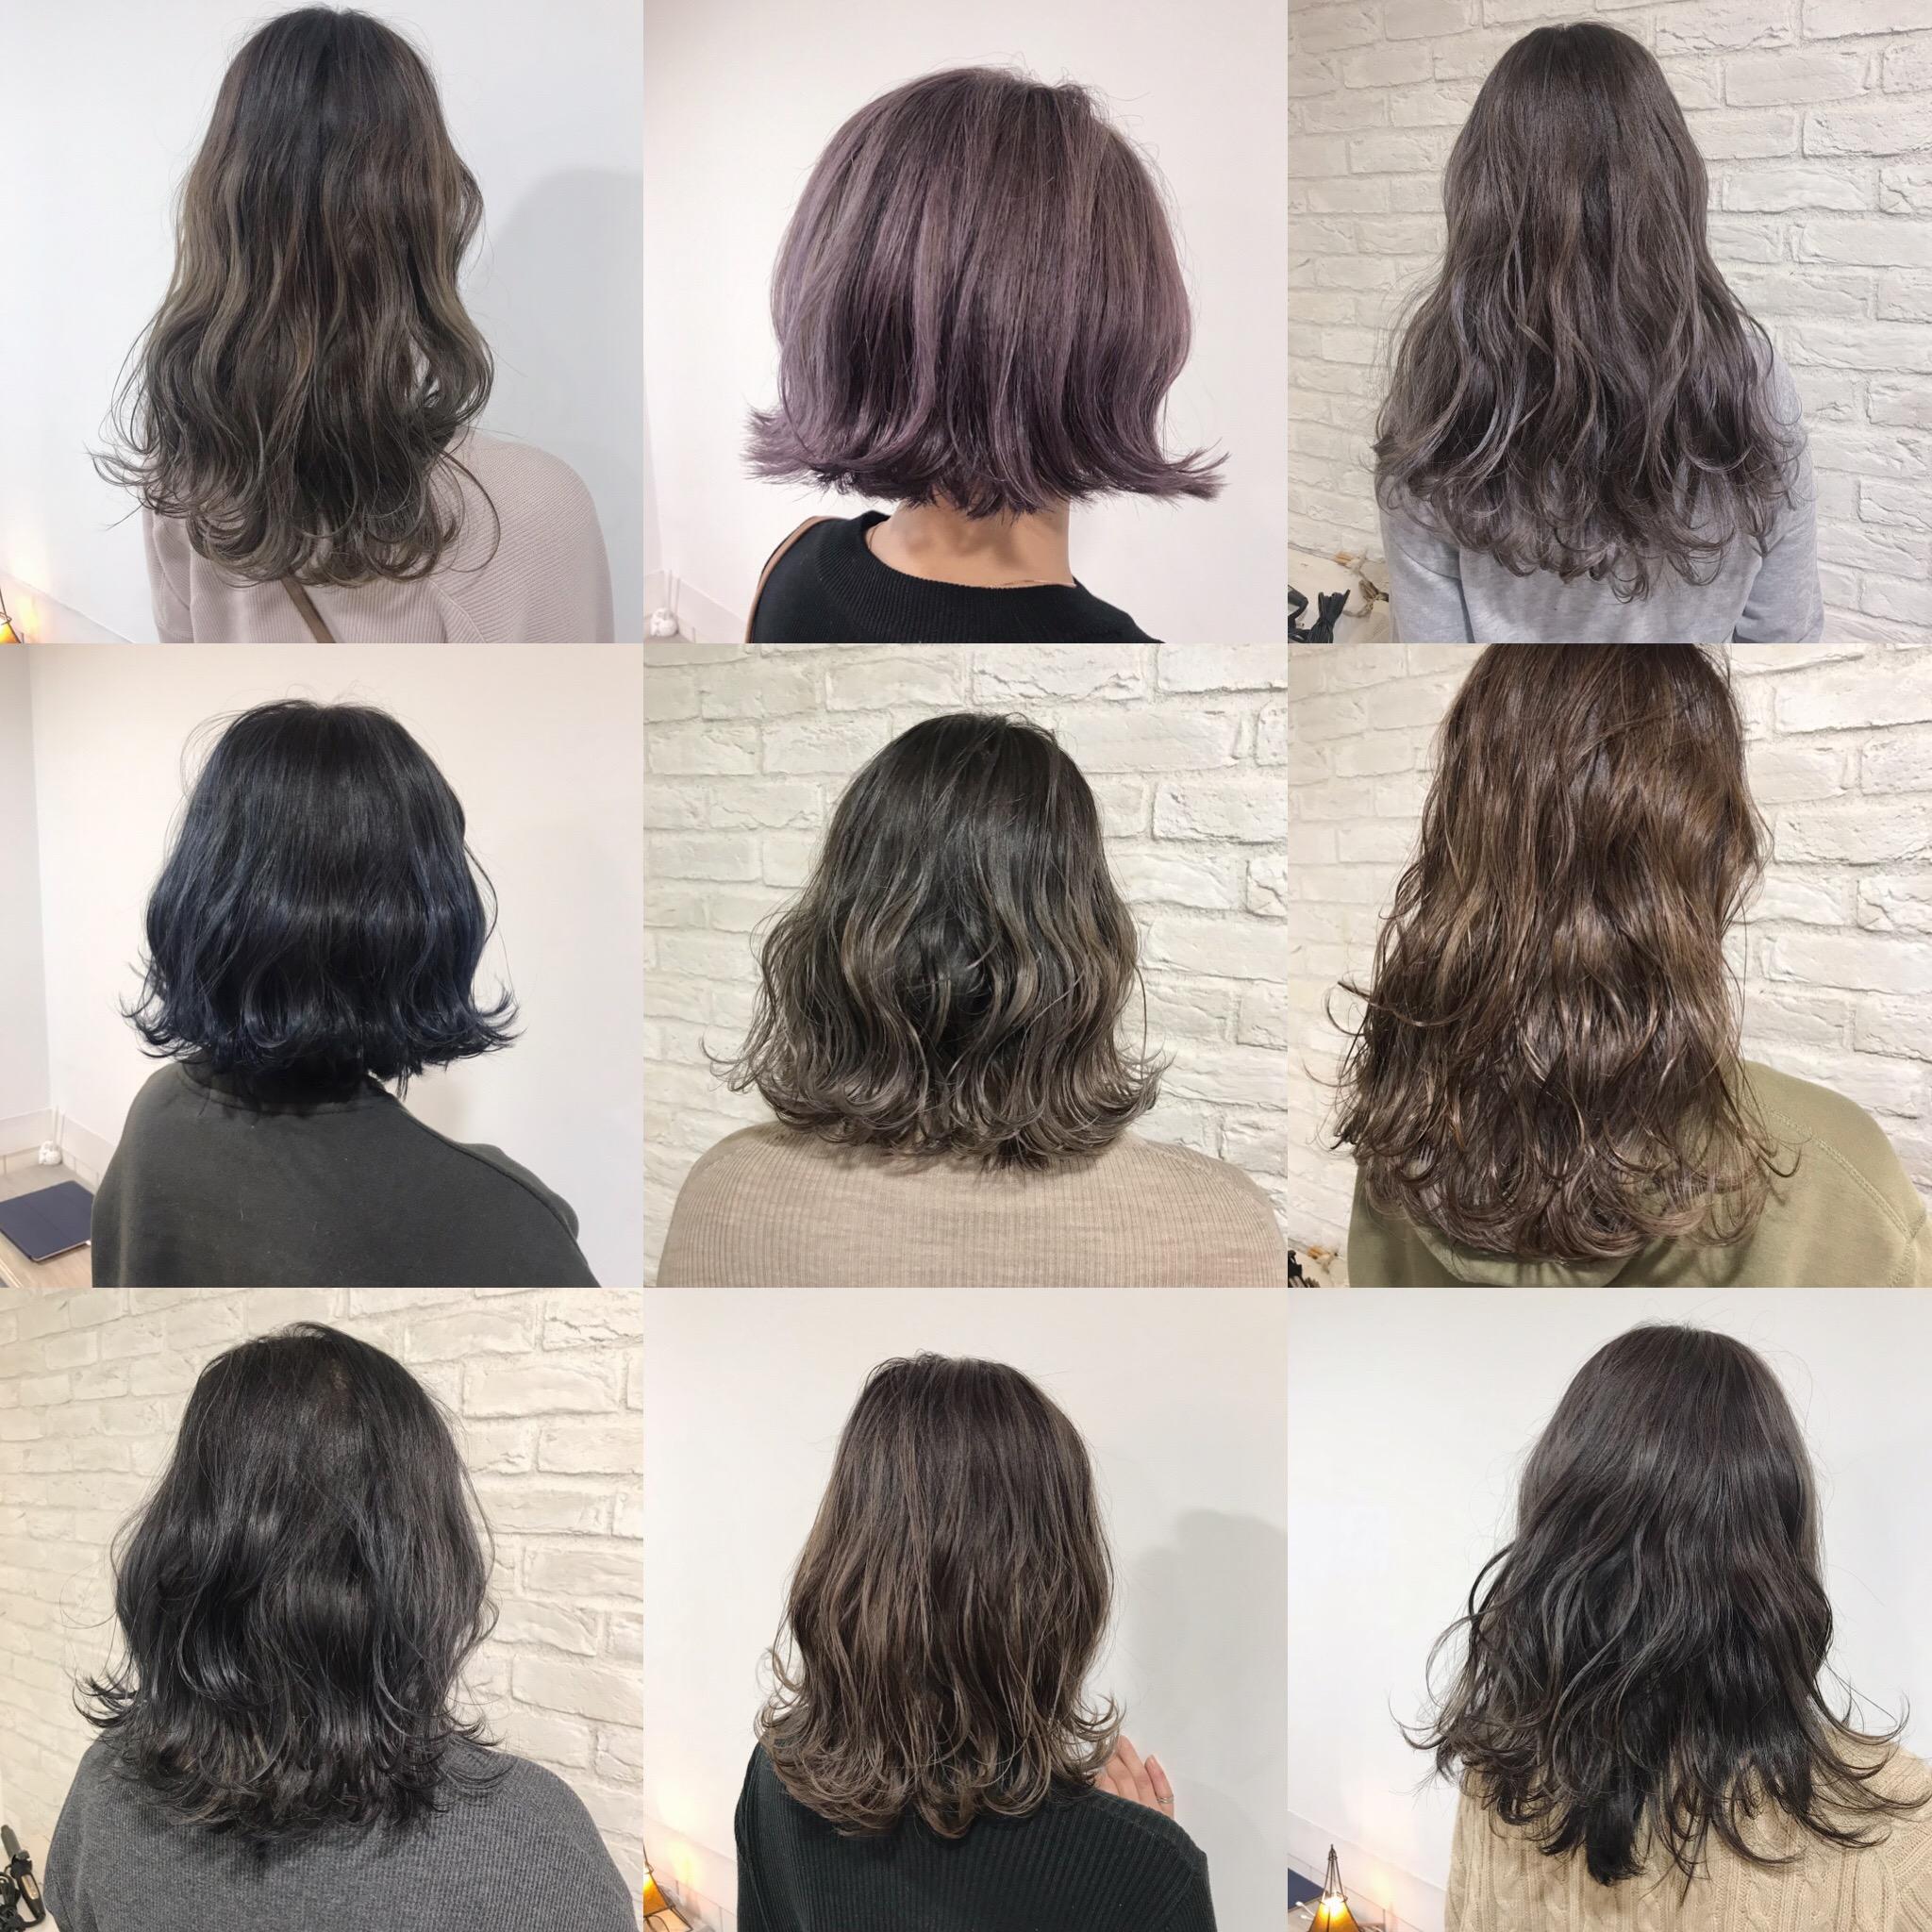 黒髪卒業!!初めてのカラーをする時に気をつけるべき3つの